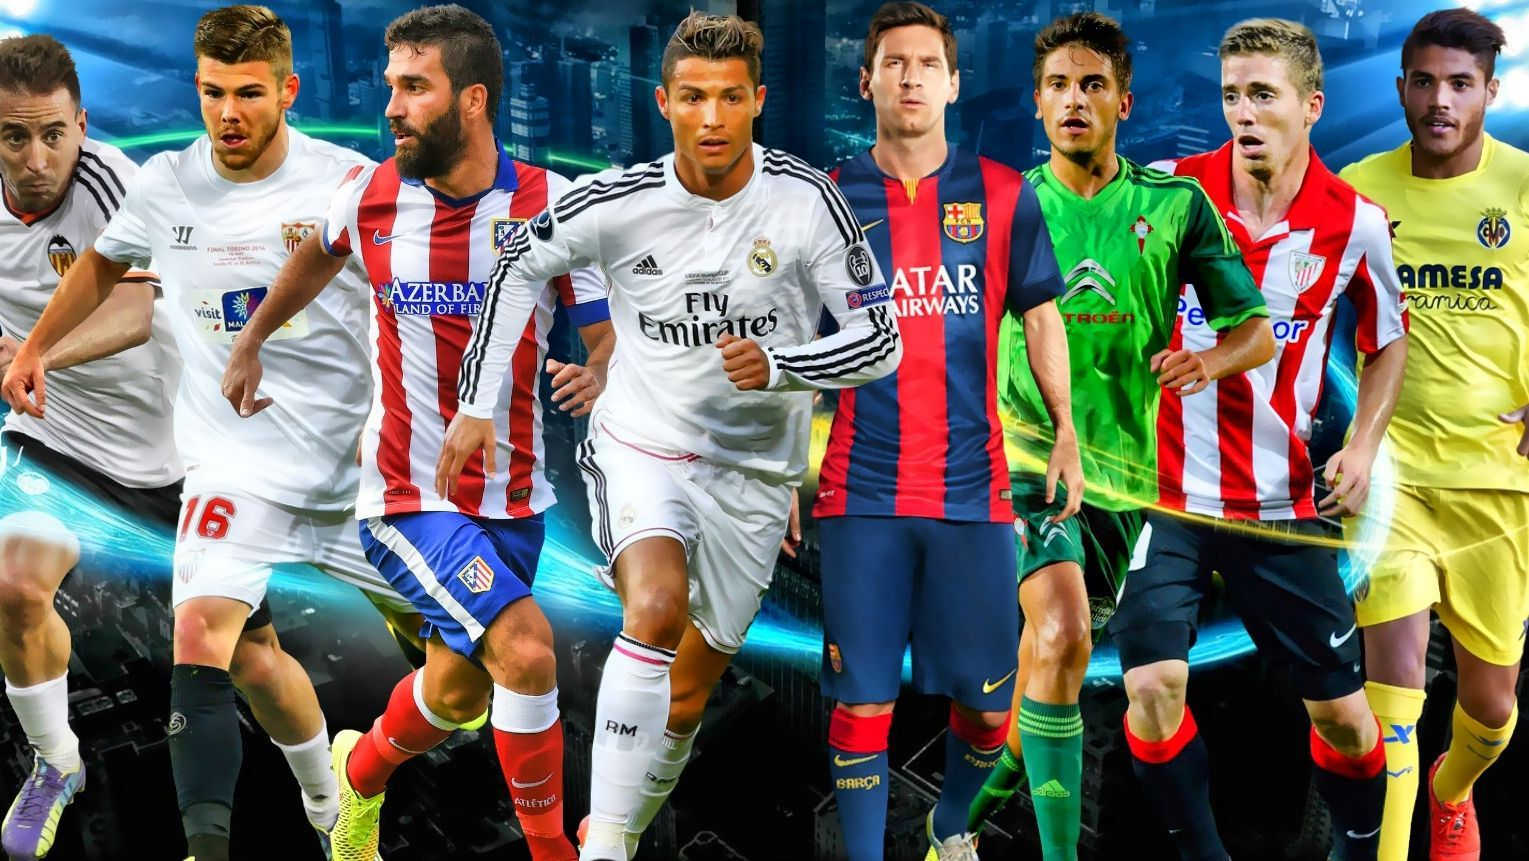 ¿Cuál es tu equipo favorito de España?